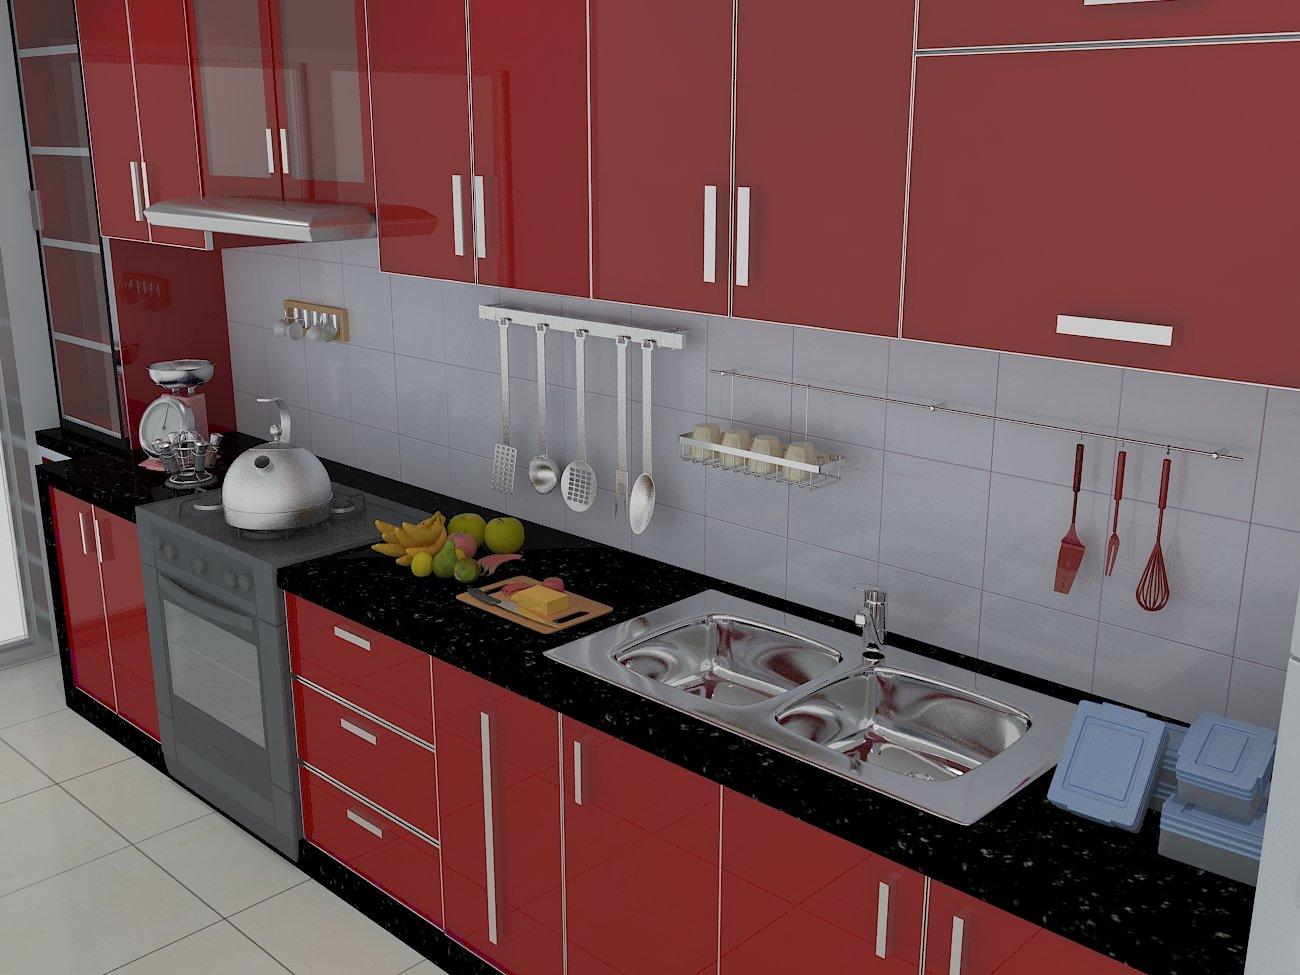 Kitchen design 3d 3d model